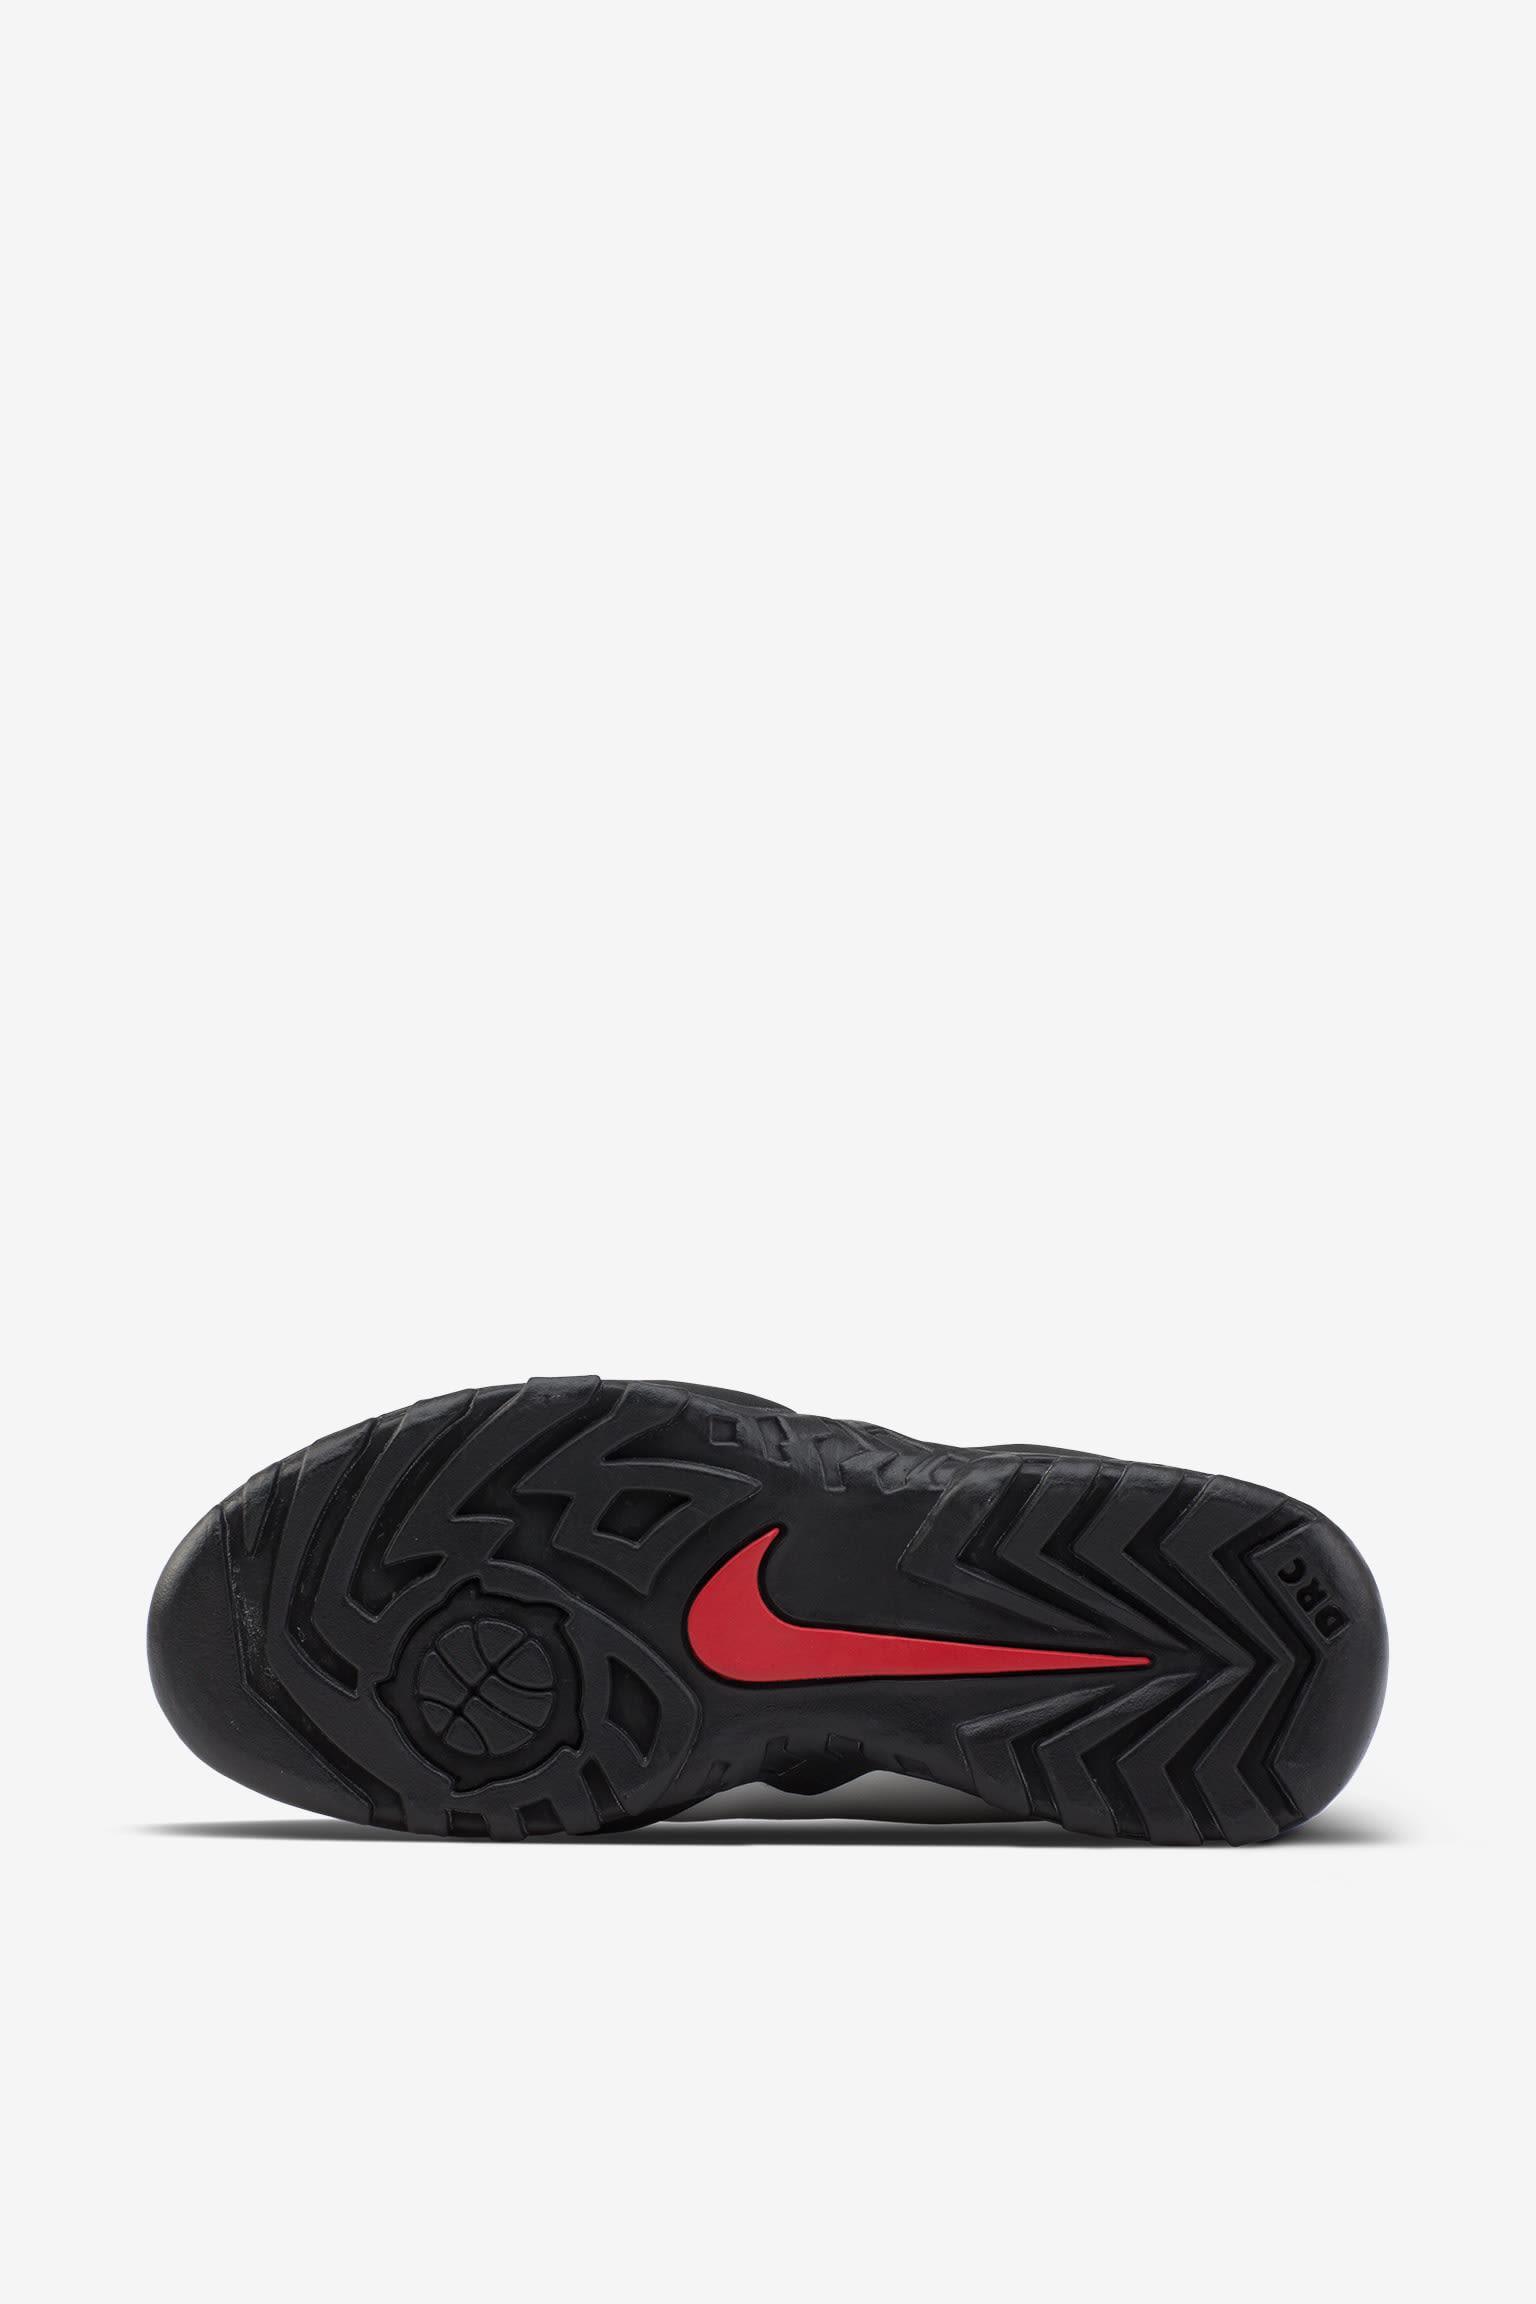 Στα άδυτα των sneaker: Outdoor Hoops